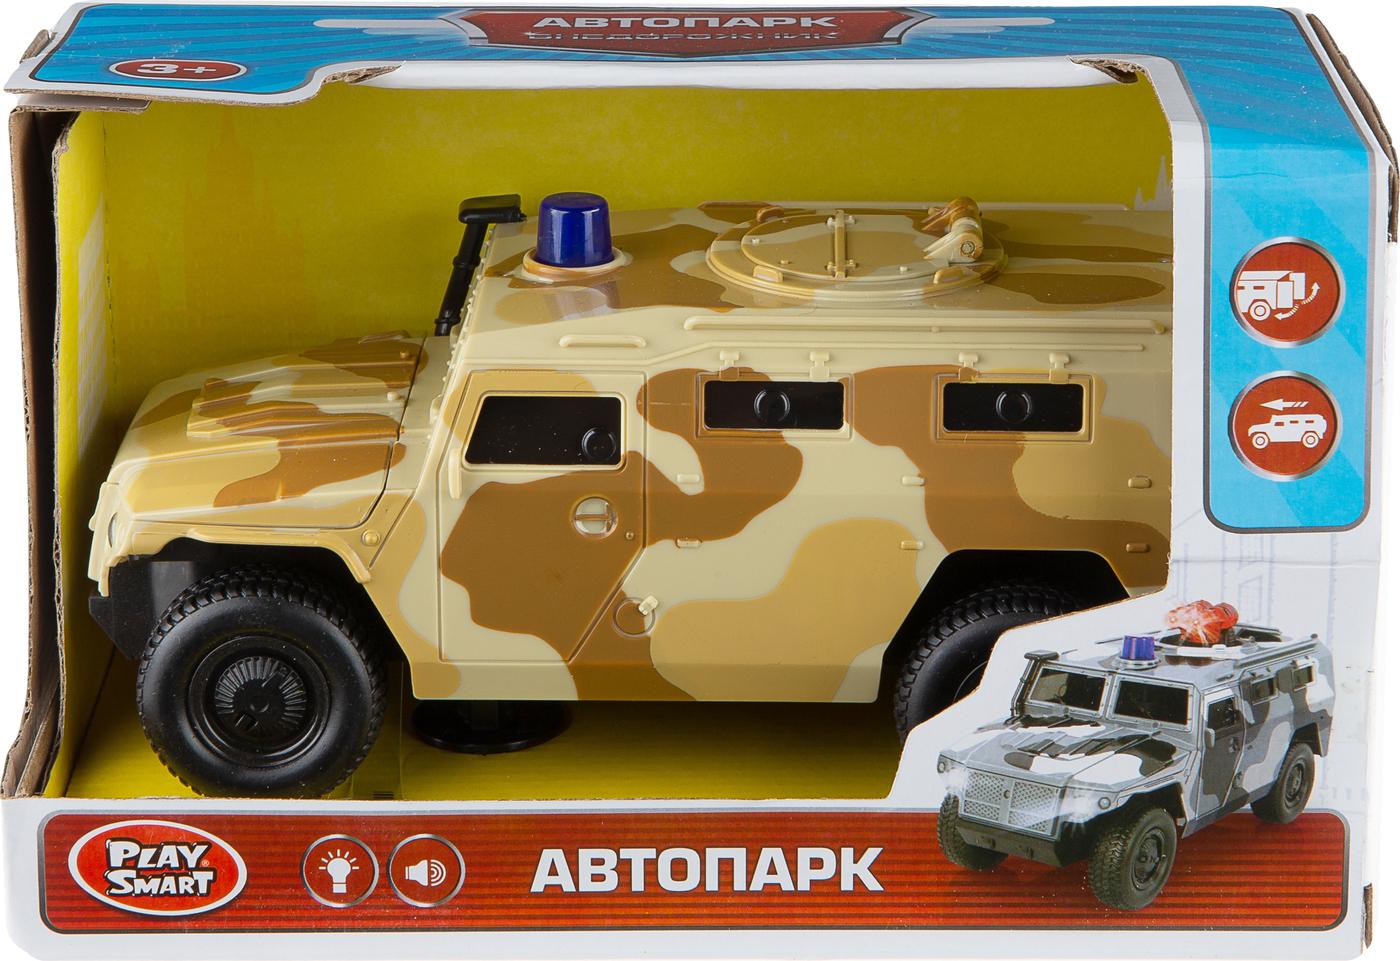 Машина инерционная Play Smart 1:29 «ГАЗ-2330 Тигр» 9706-B Автопарк, свет и звук / Бежевый хаки